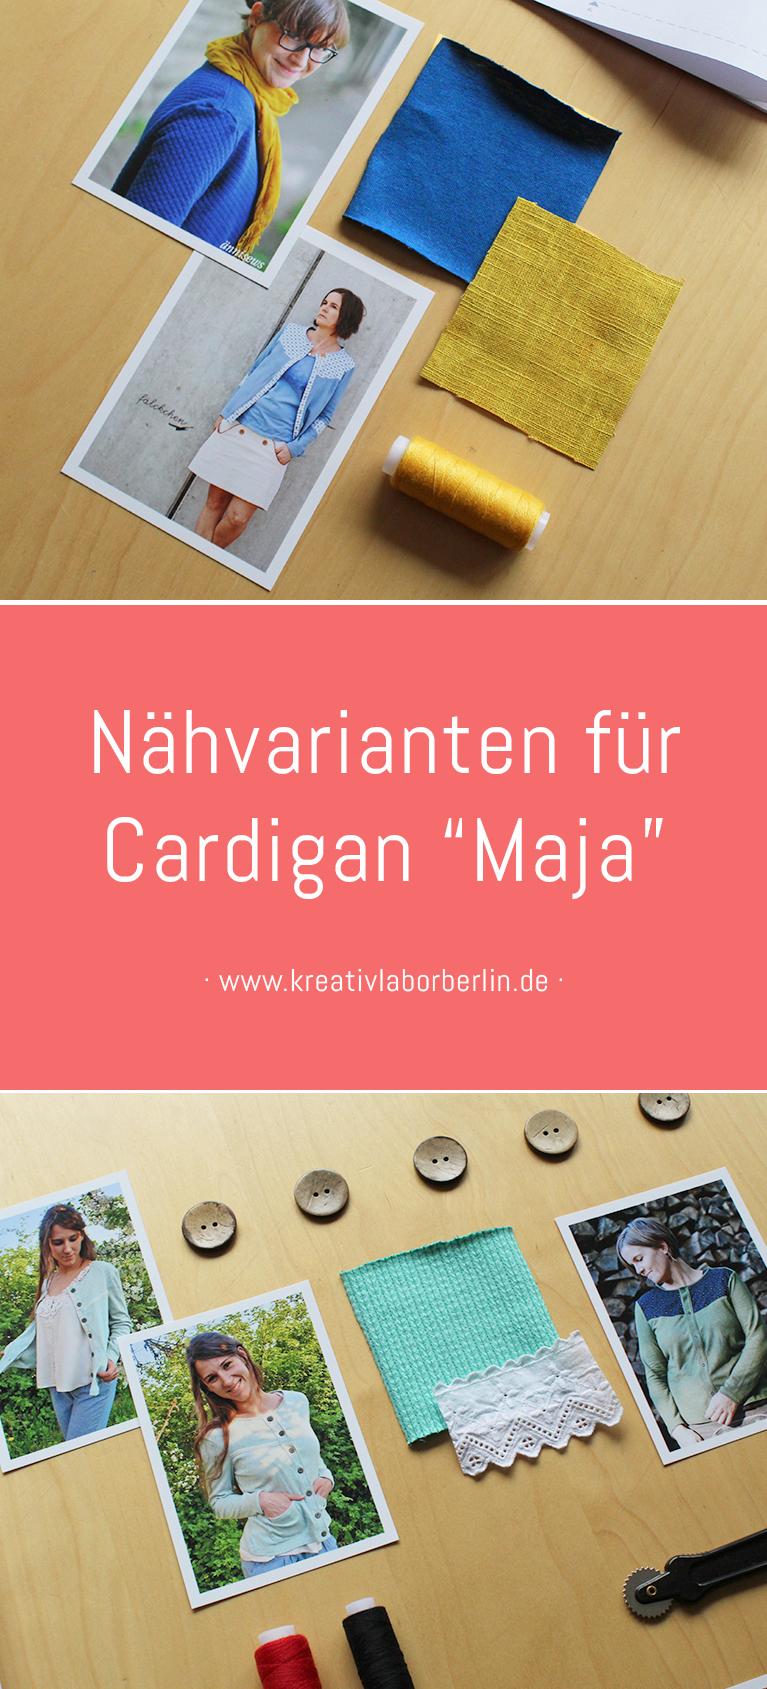 """Nähvarianten & Inspirationen für Cardigan """"Maja"""""""